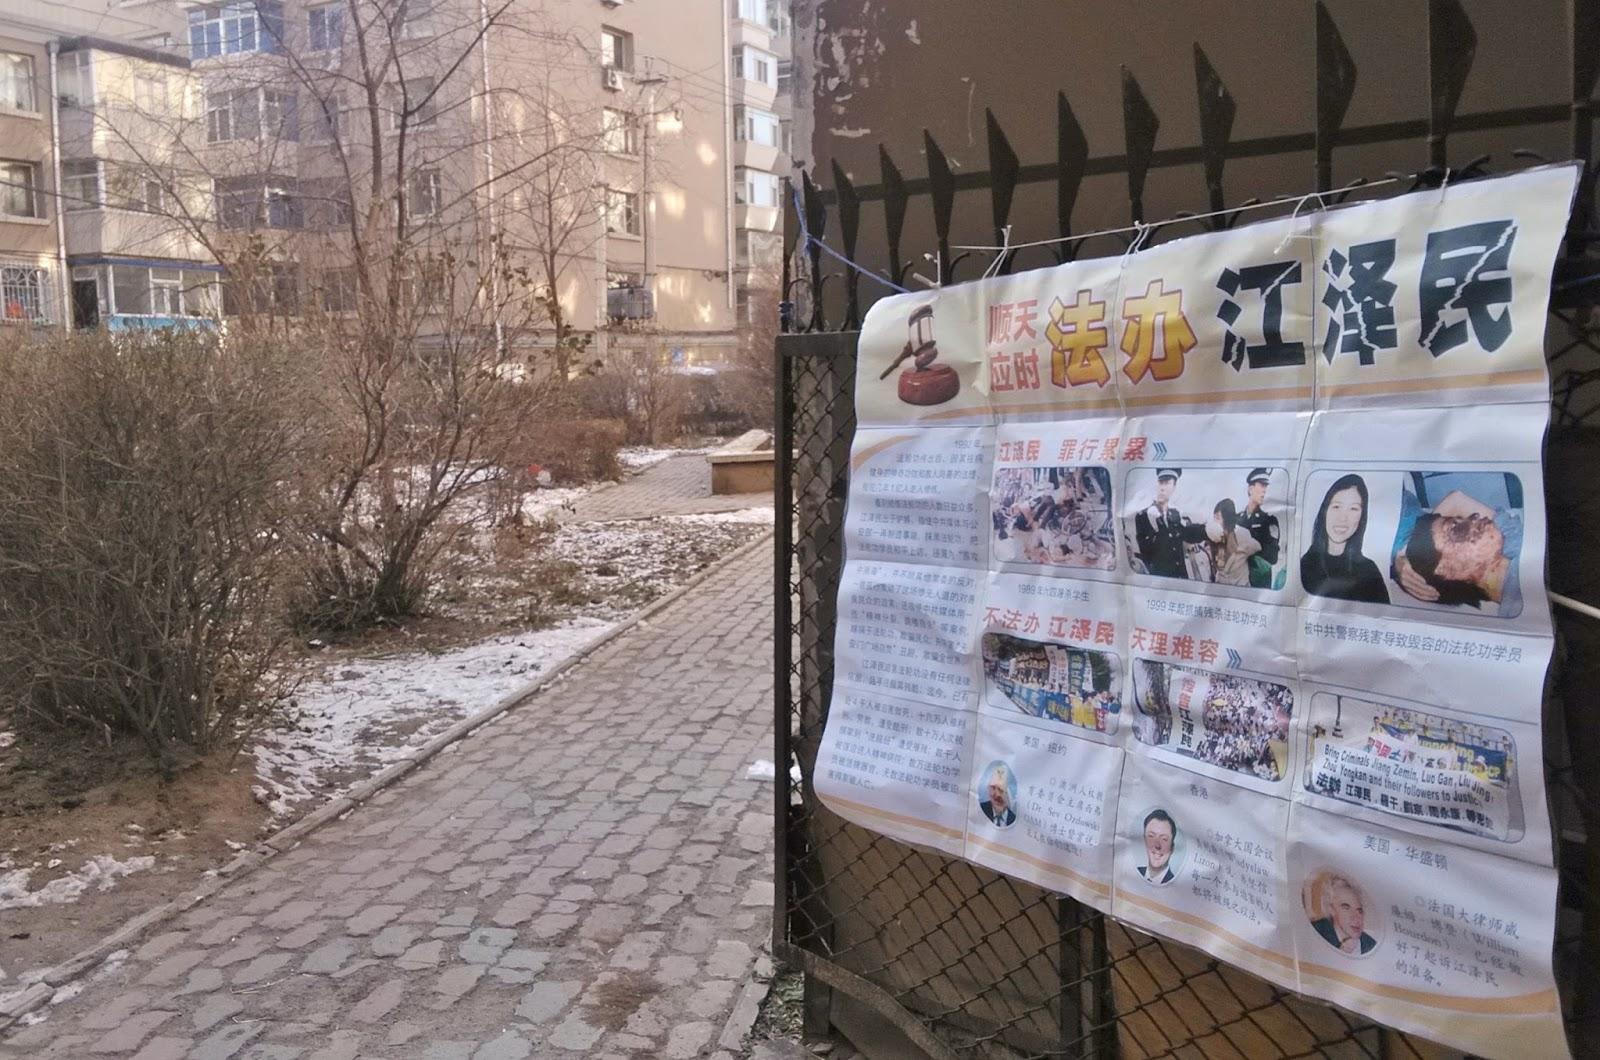 2015-11-28-minghui-changchun-sujiang-posters-25.jpg